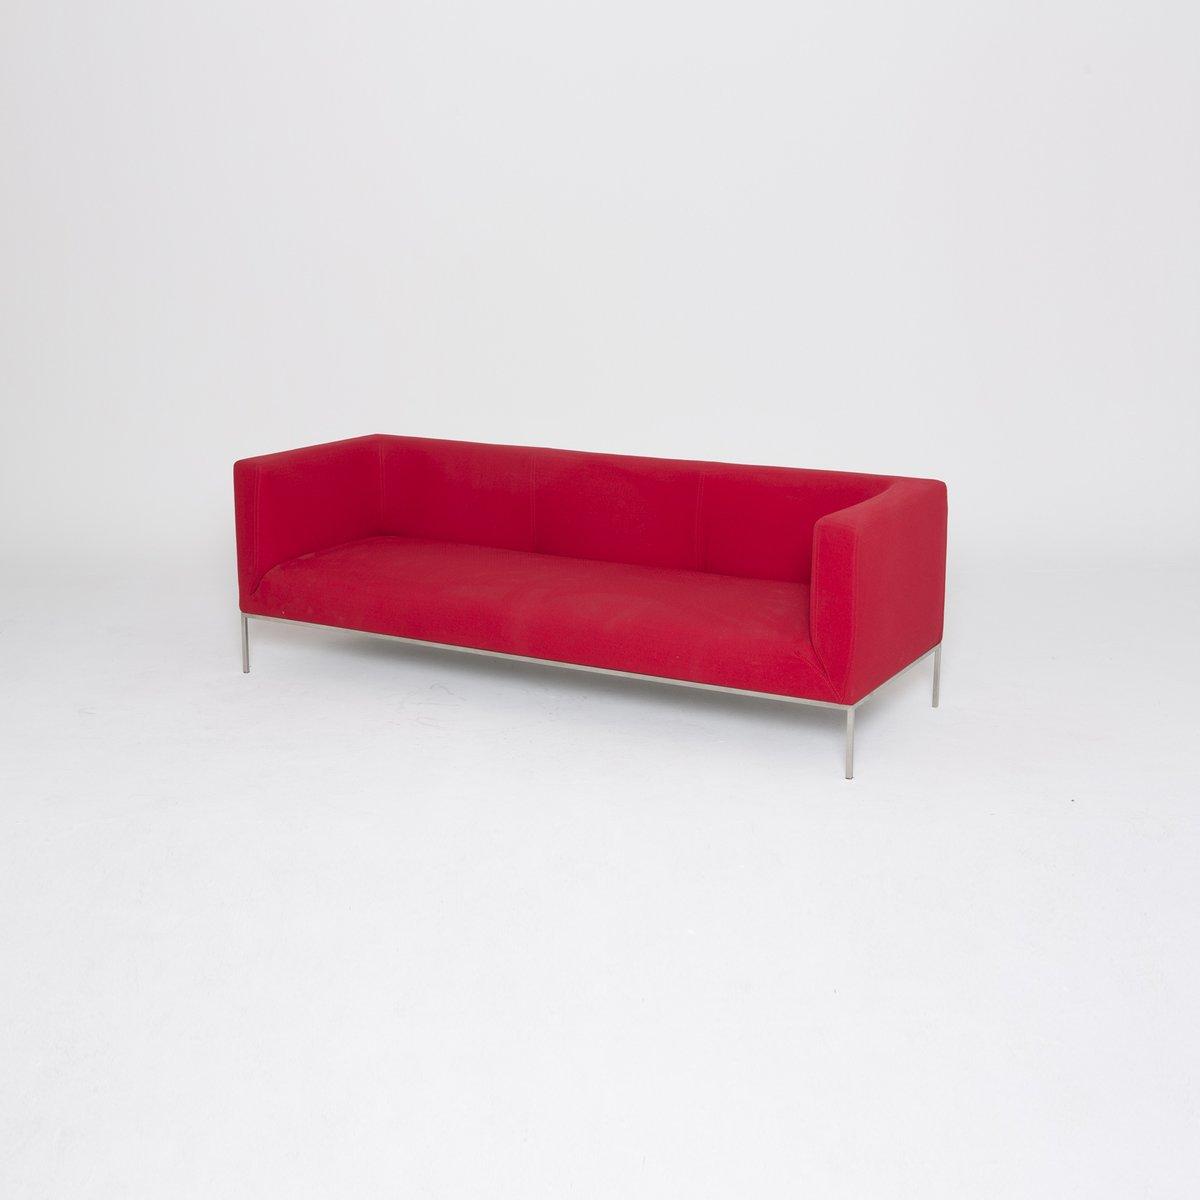 Rotes Drei-Sitzer Sofa von Marco Maran für Parri